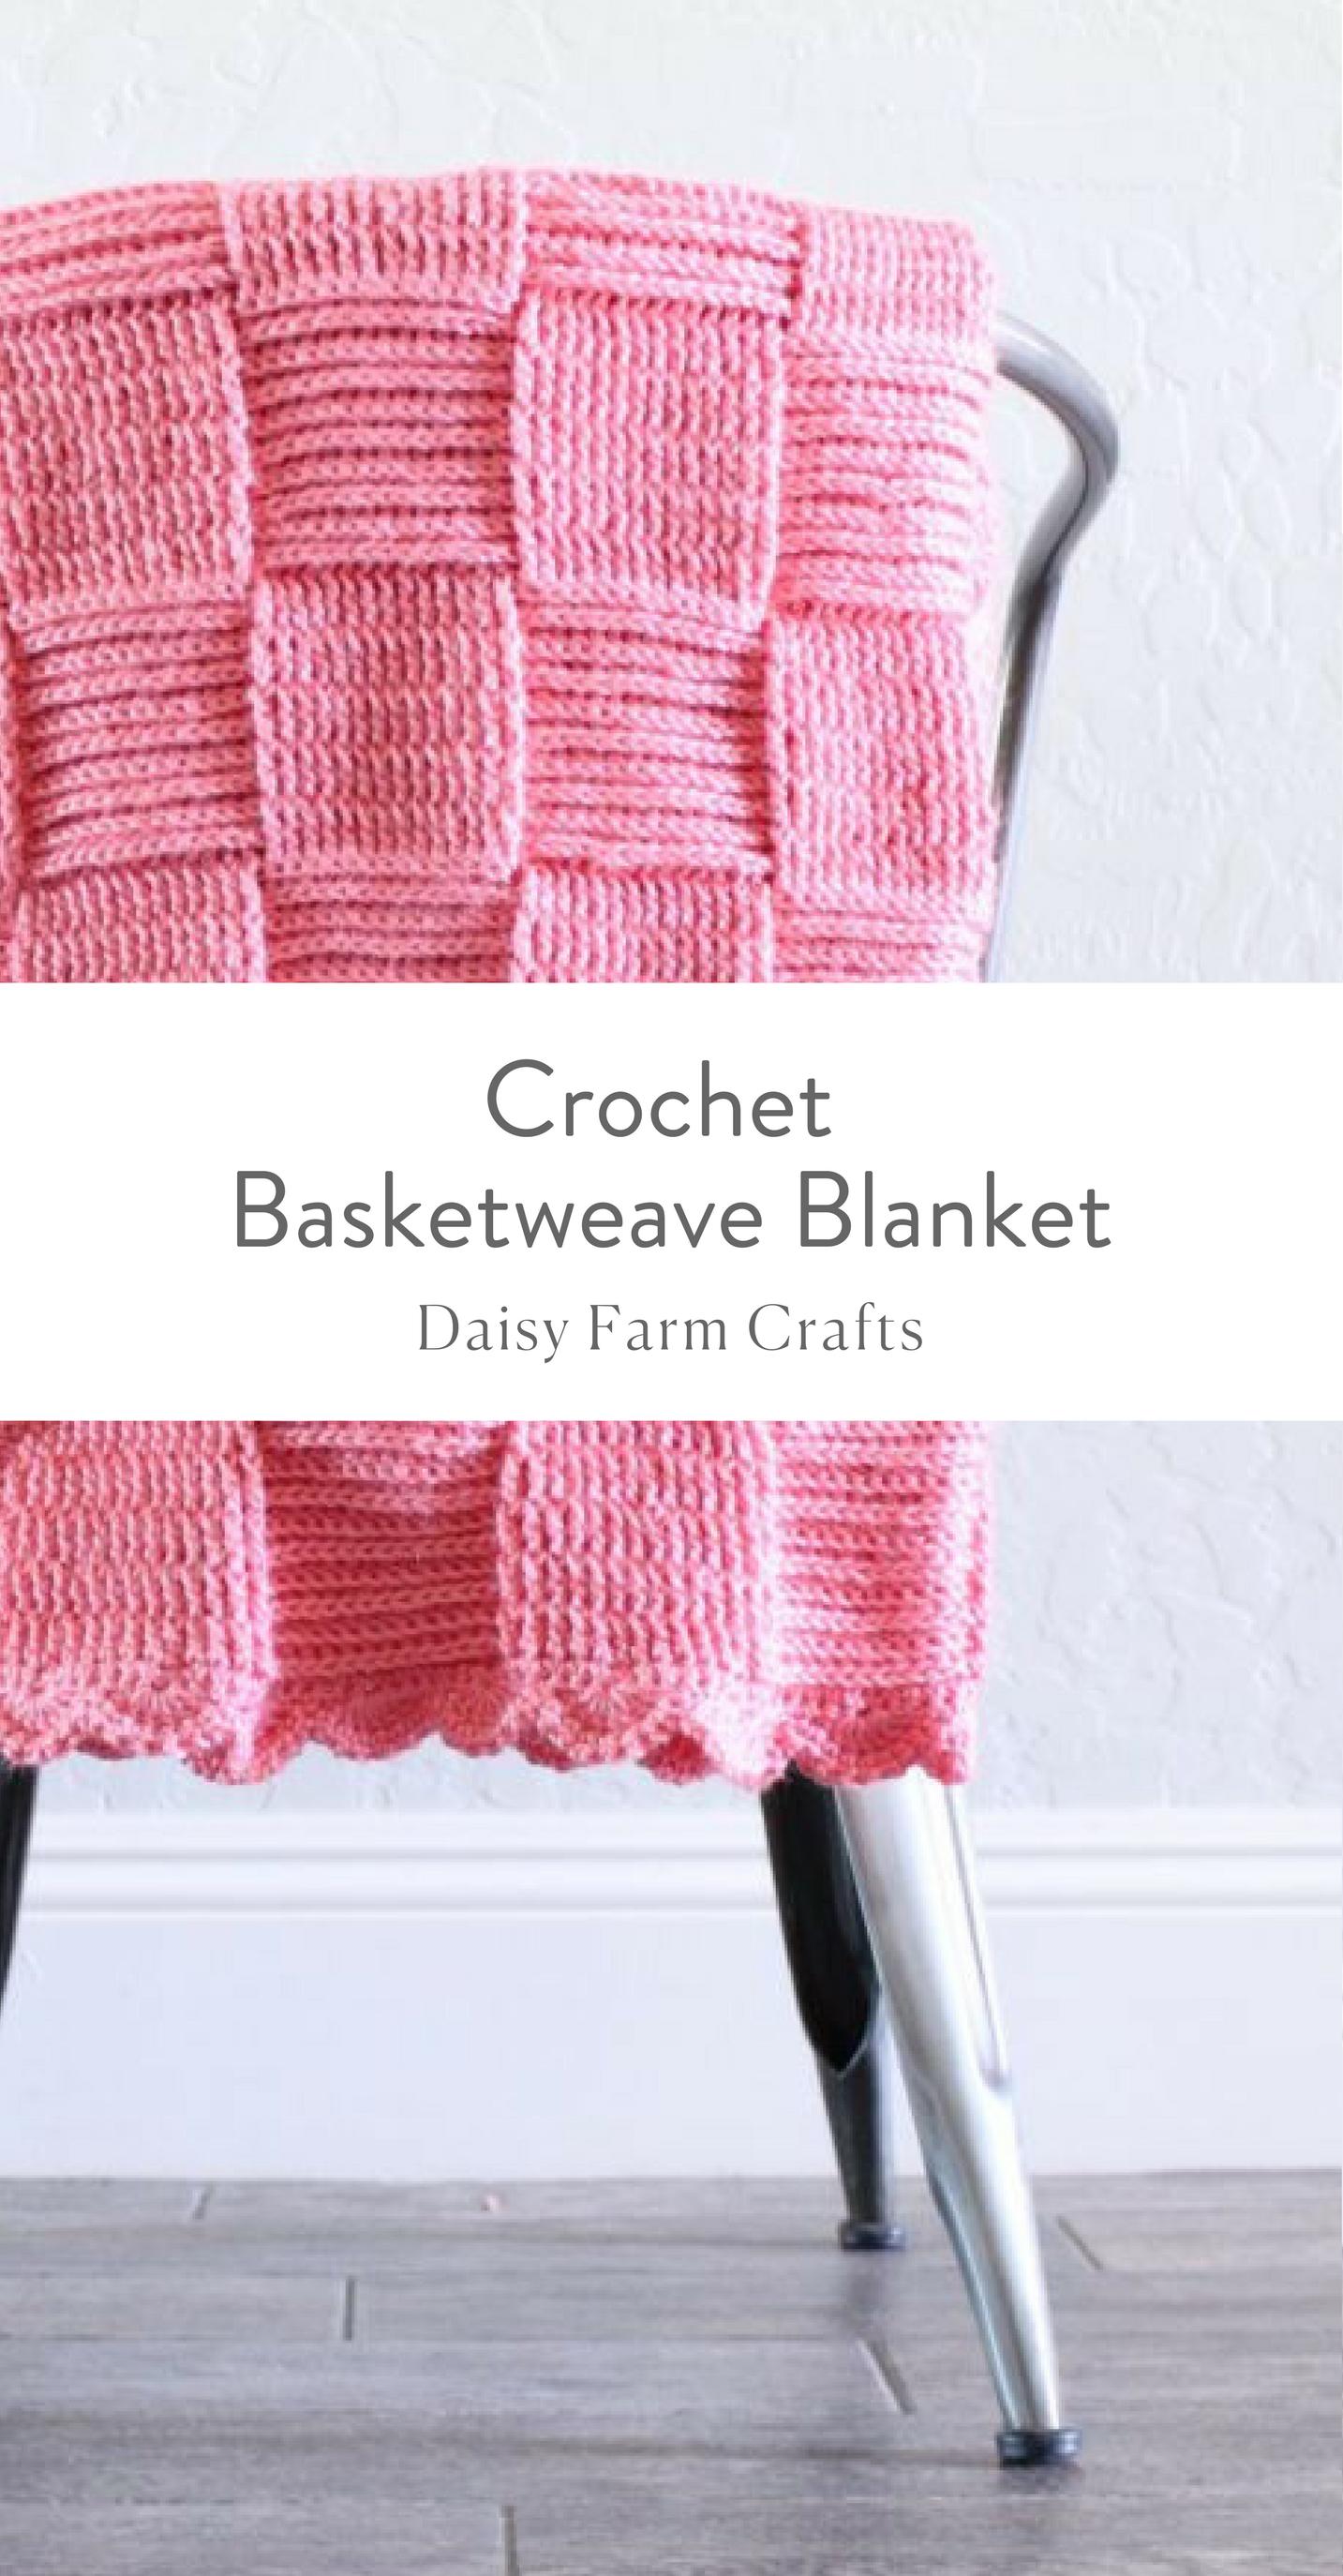 Free Pattern - Crochet Basketweave Blanket | Knit and Crochet ...